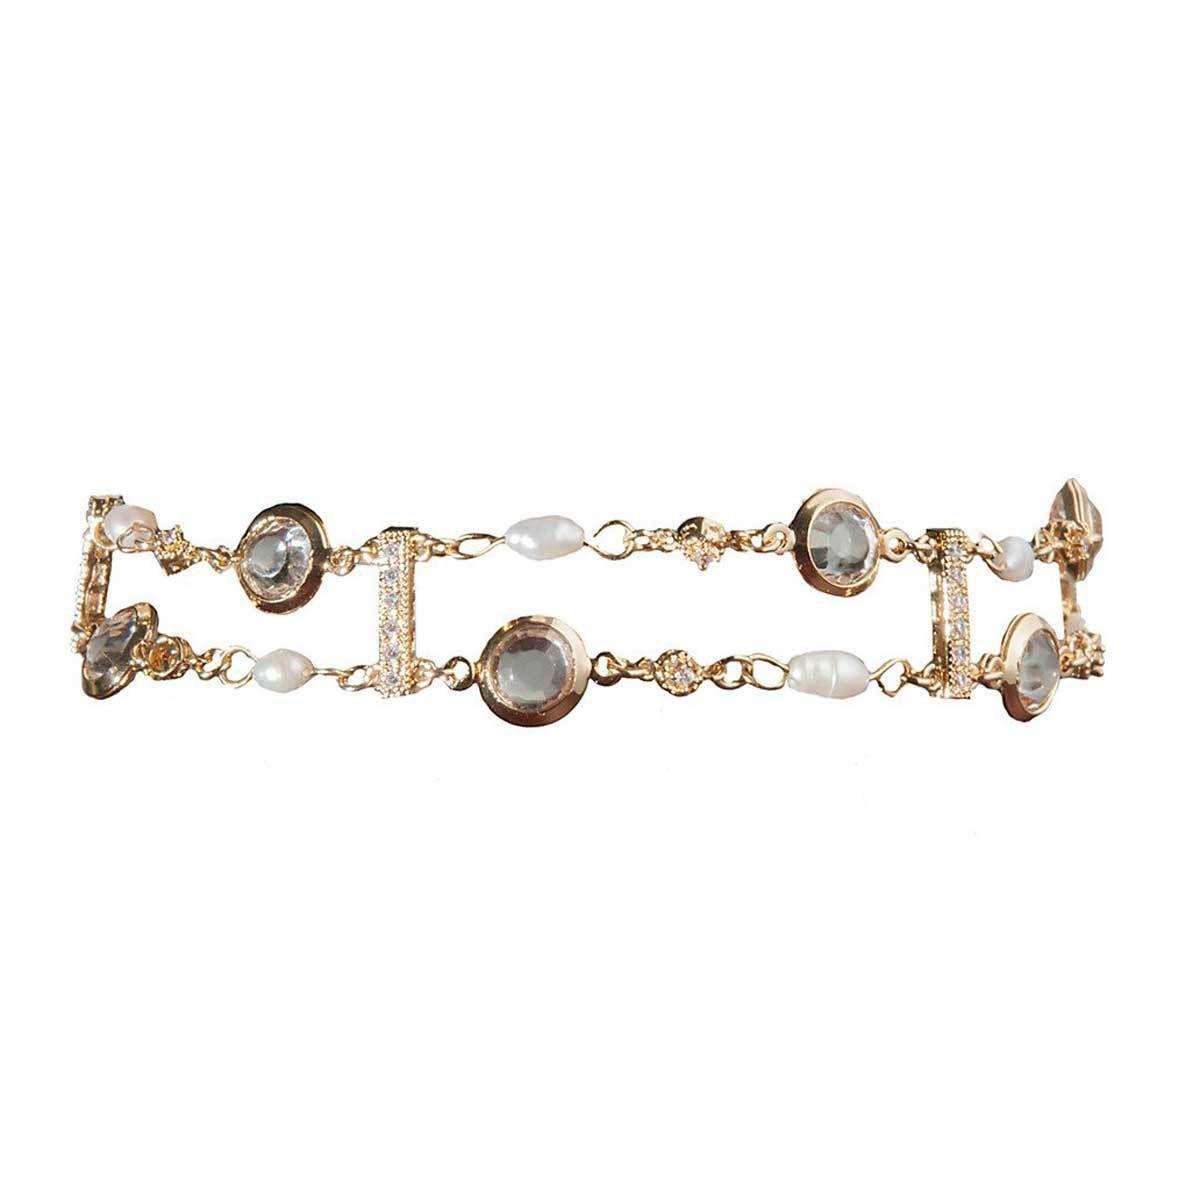 ブレスレット レディース Catwalk Call Bracelet アメリカン ブランド Ettika エティカ